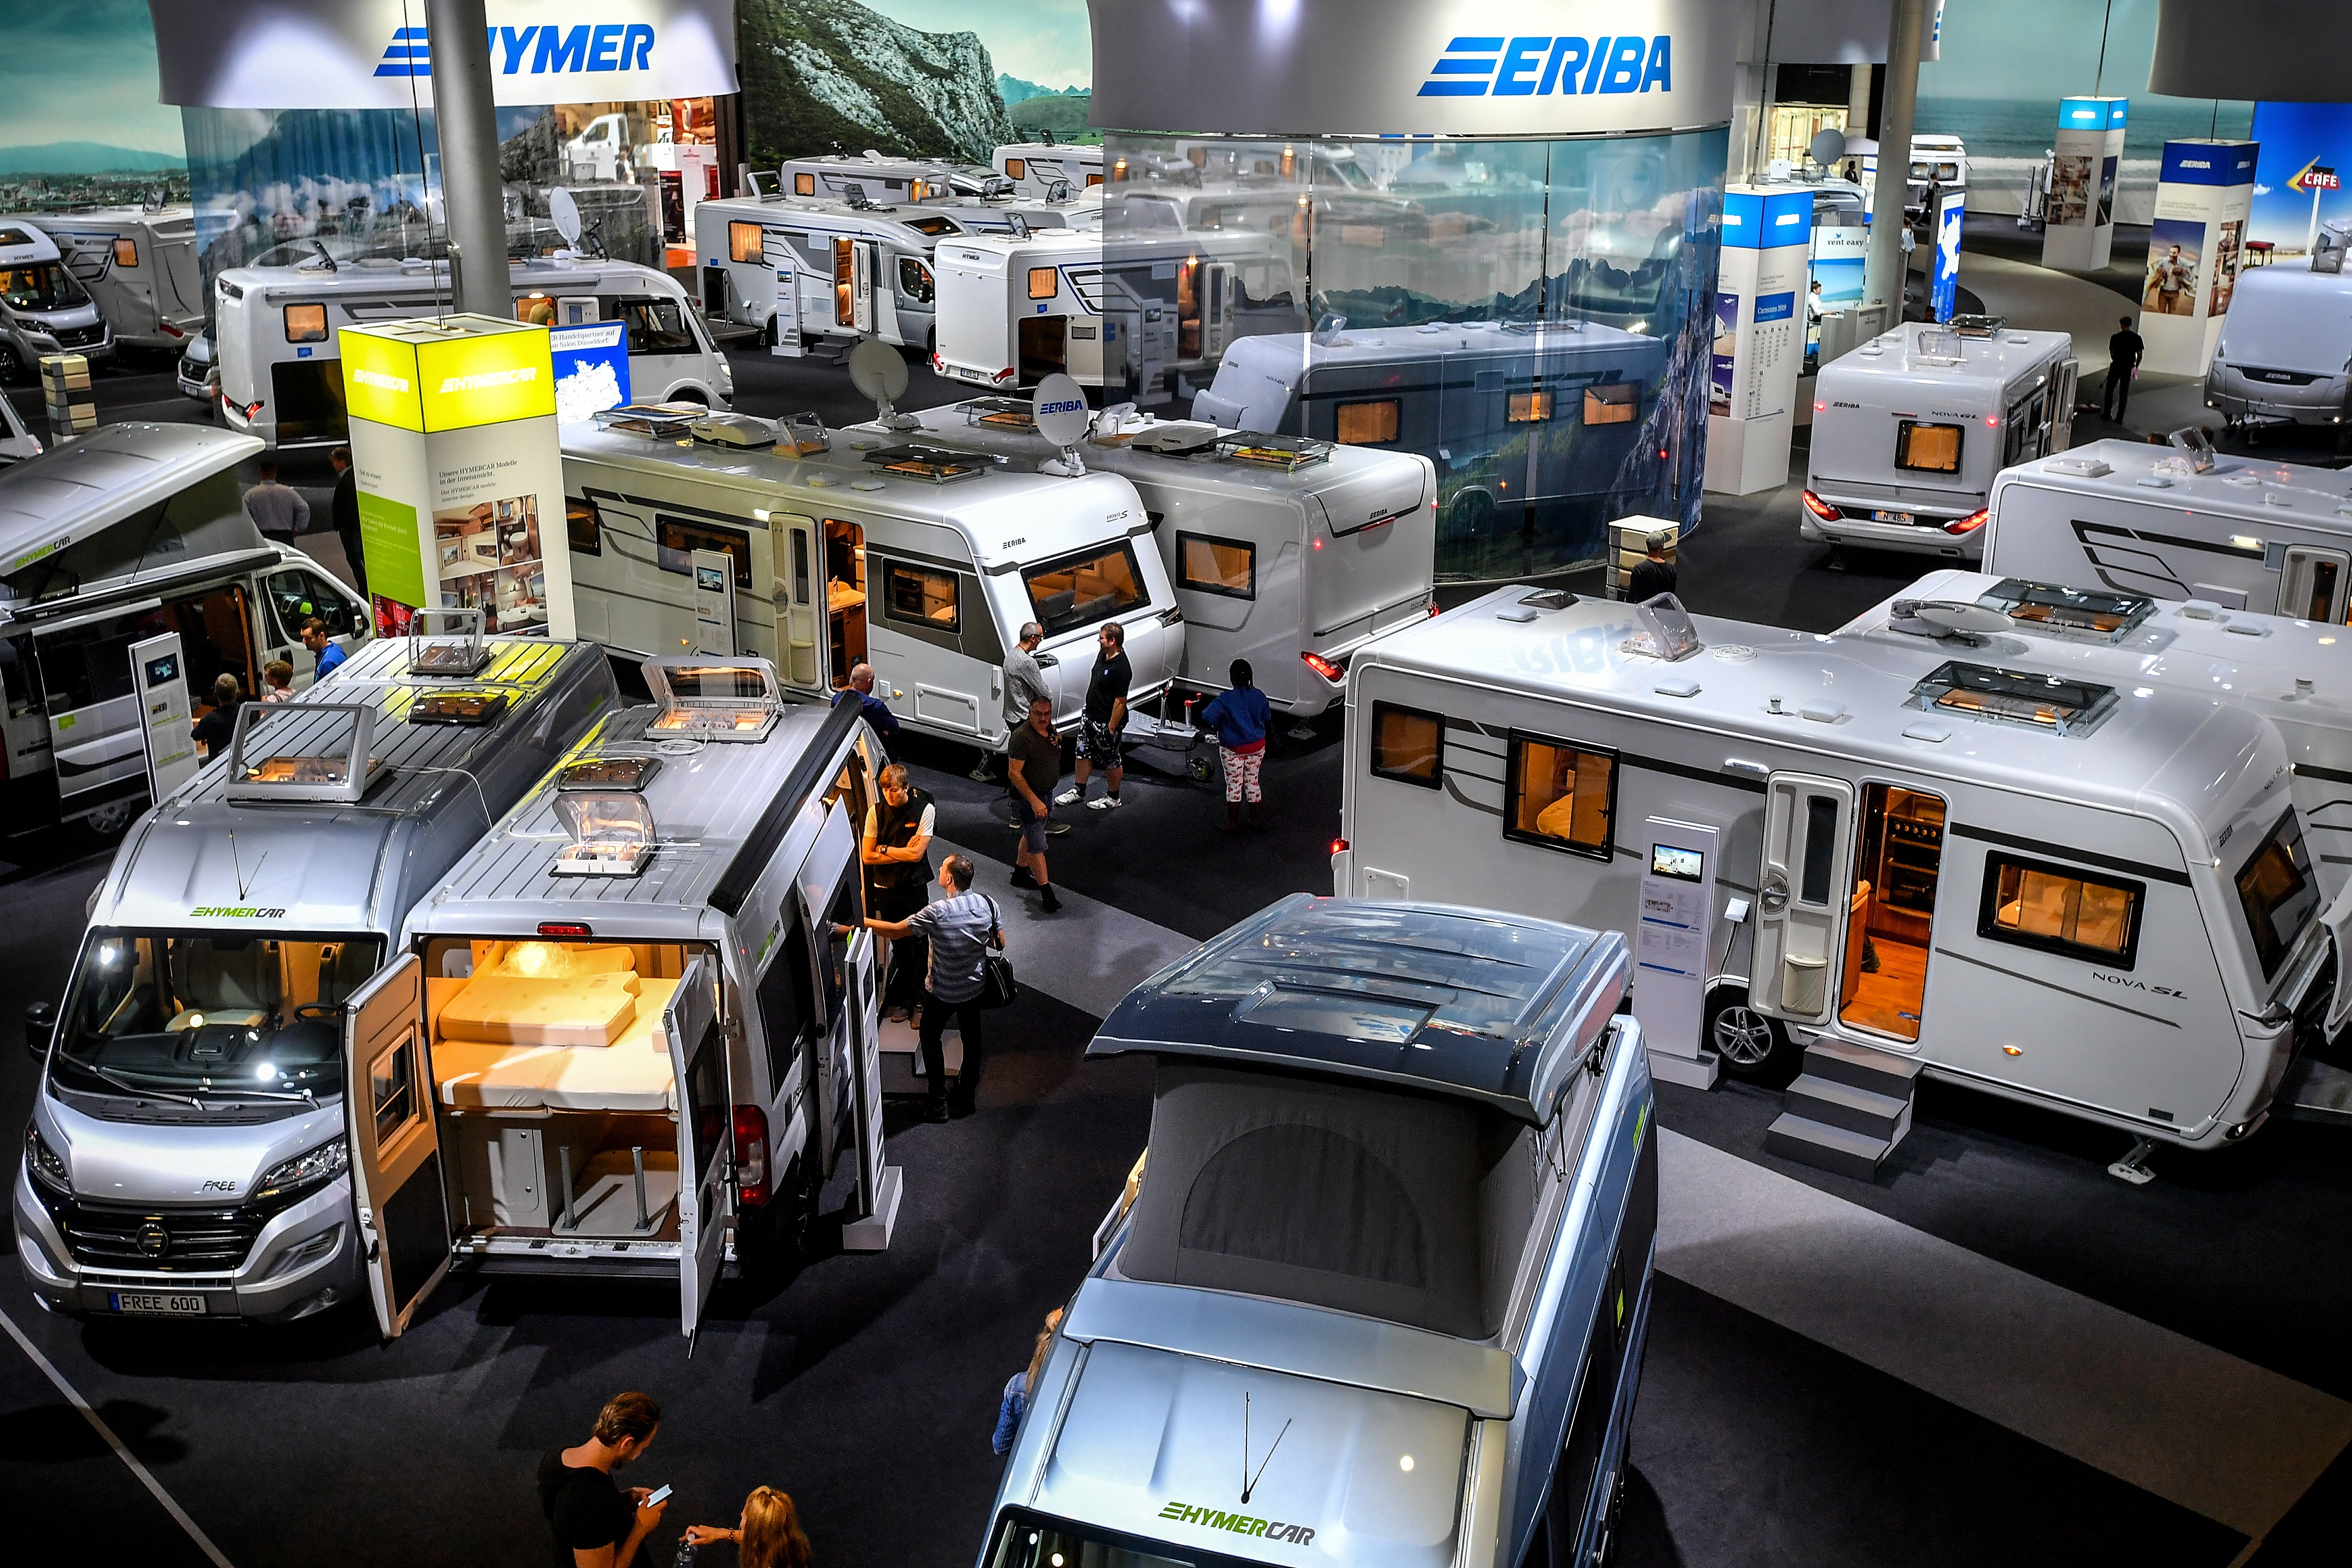 """""""Caravan Salon"""" от 24 август до 2 септември 2018 г. събира международния сектор за каравани и кемпъри за представяне на най-новите си разработки и продукти. За първи път в историята на панаира, посетителите могат да разгледат най-голямото световно изложение за мобилни почивки в общо 13 изложбени зали в Дюселдорф, Германия."""